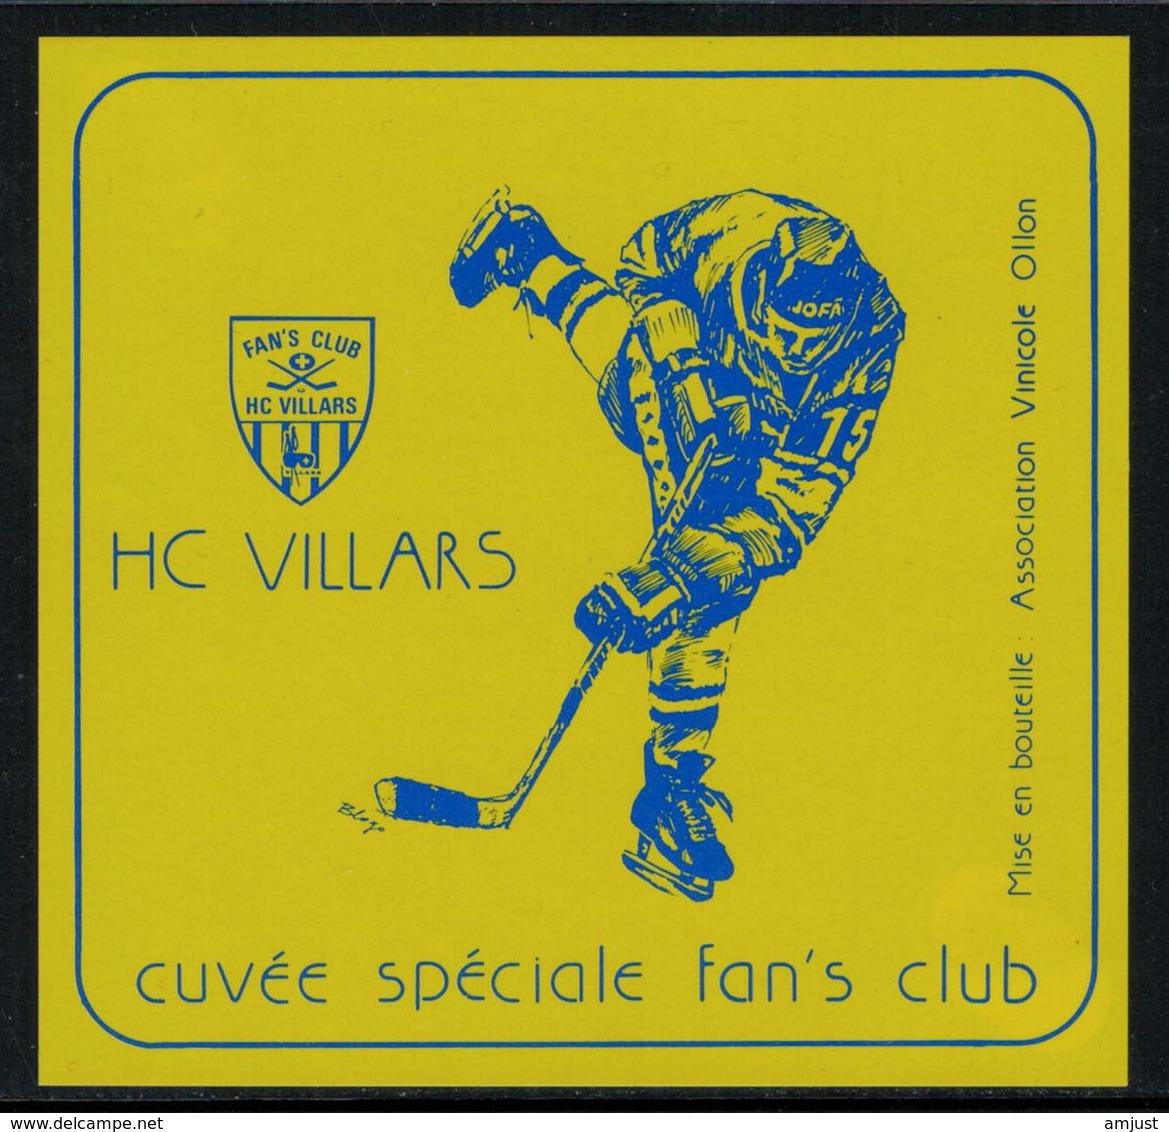 Rare // Etiquette De Vin // Hockey Sur Glace //  Ollon, H.C. Villars, Cuvée Spéciale Du Fan's Club - Etiquettes